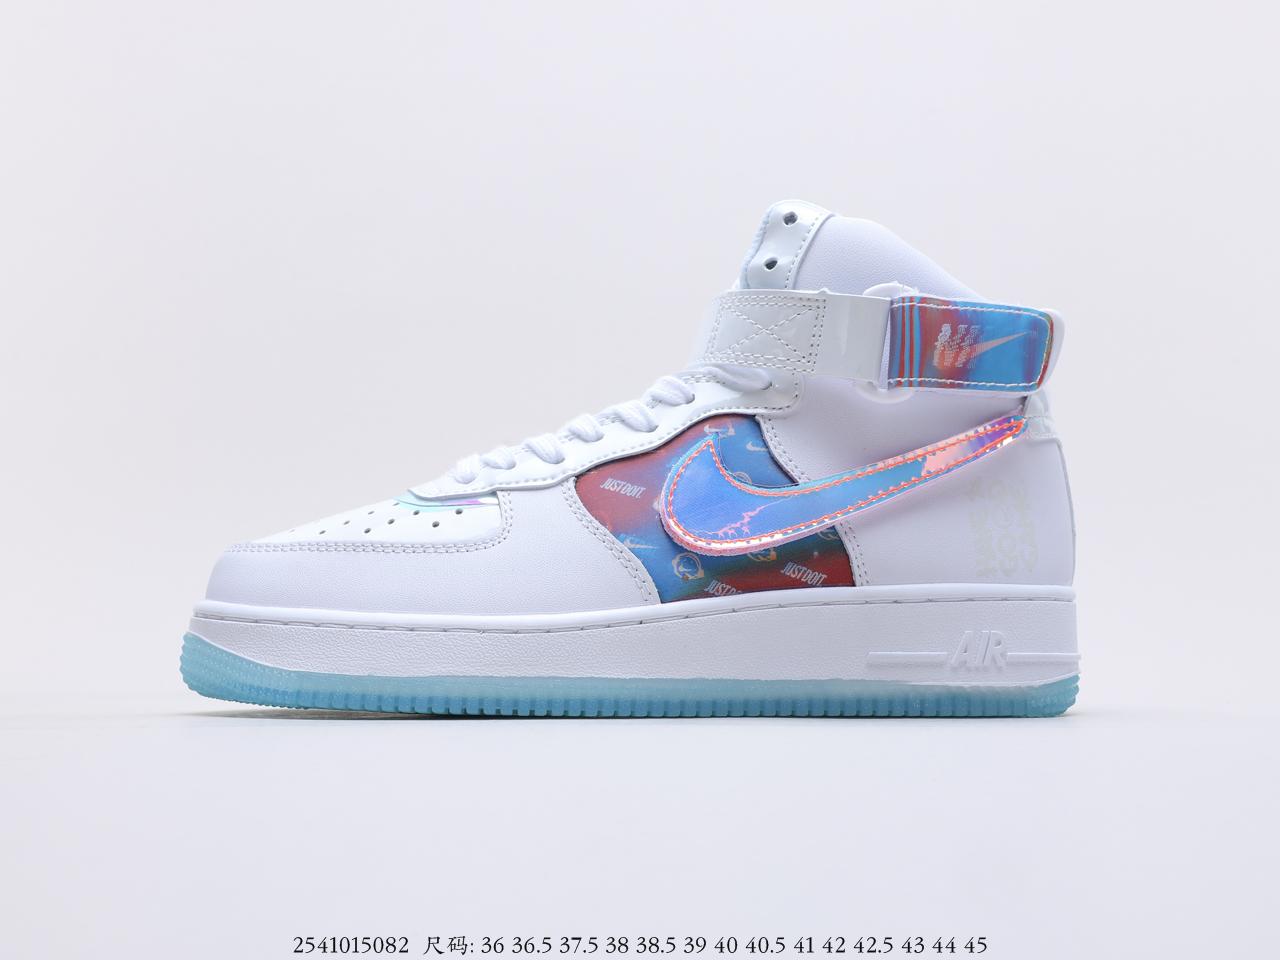 耐克 Nike Air Force 1 '07 Mid空军一号中帮电玩镭射百搭休闲运动板鞋